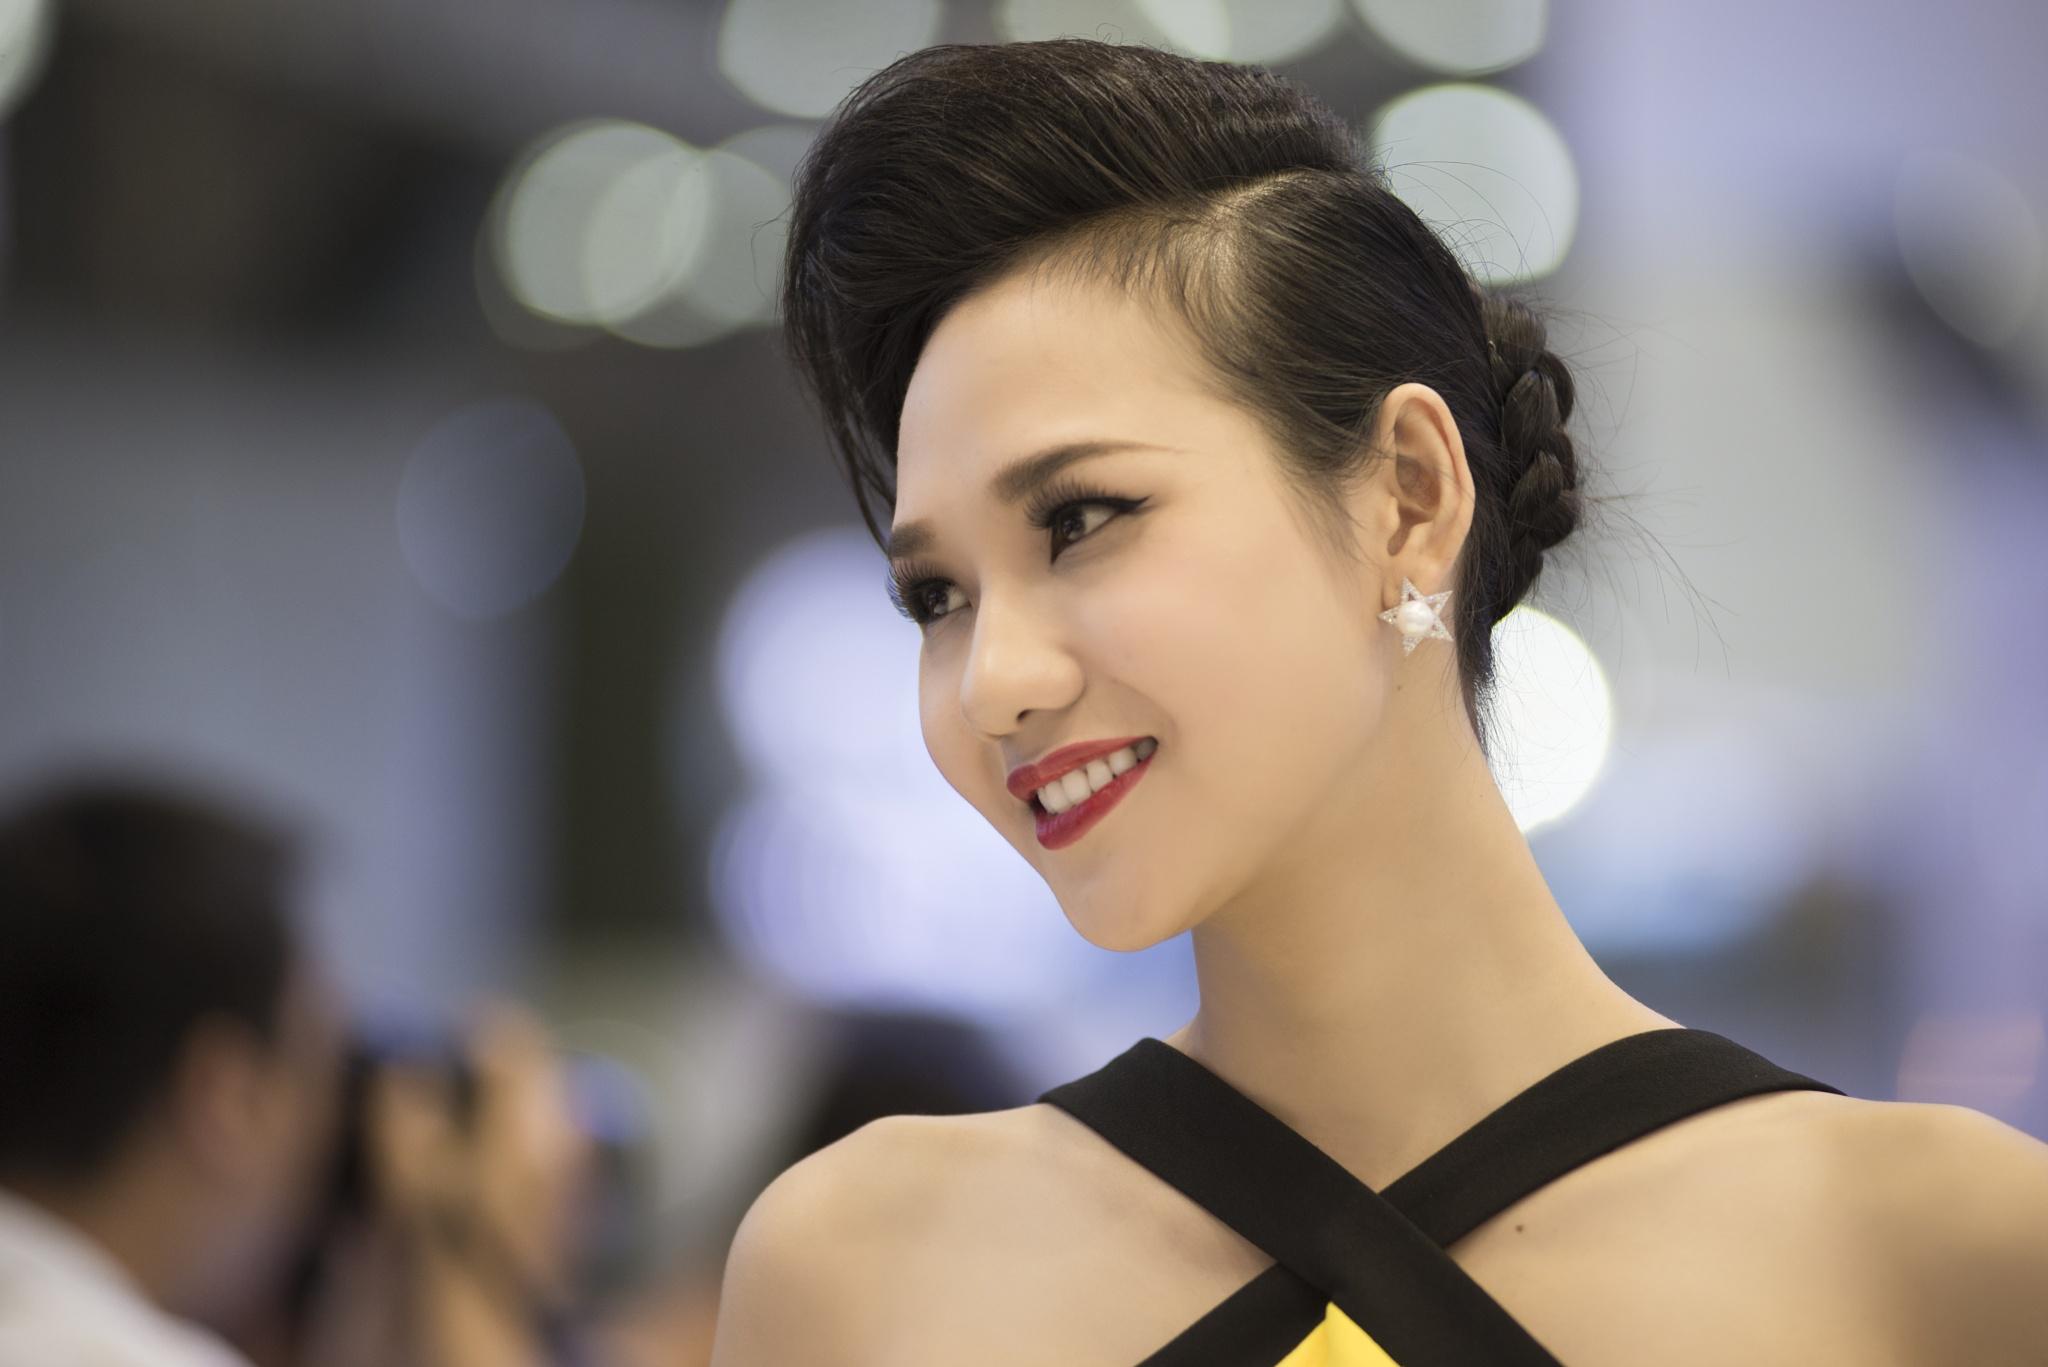 Vietnamese Girl by Trung Đặng